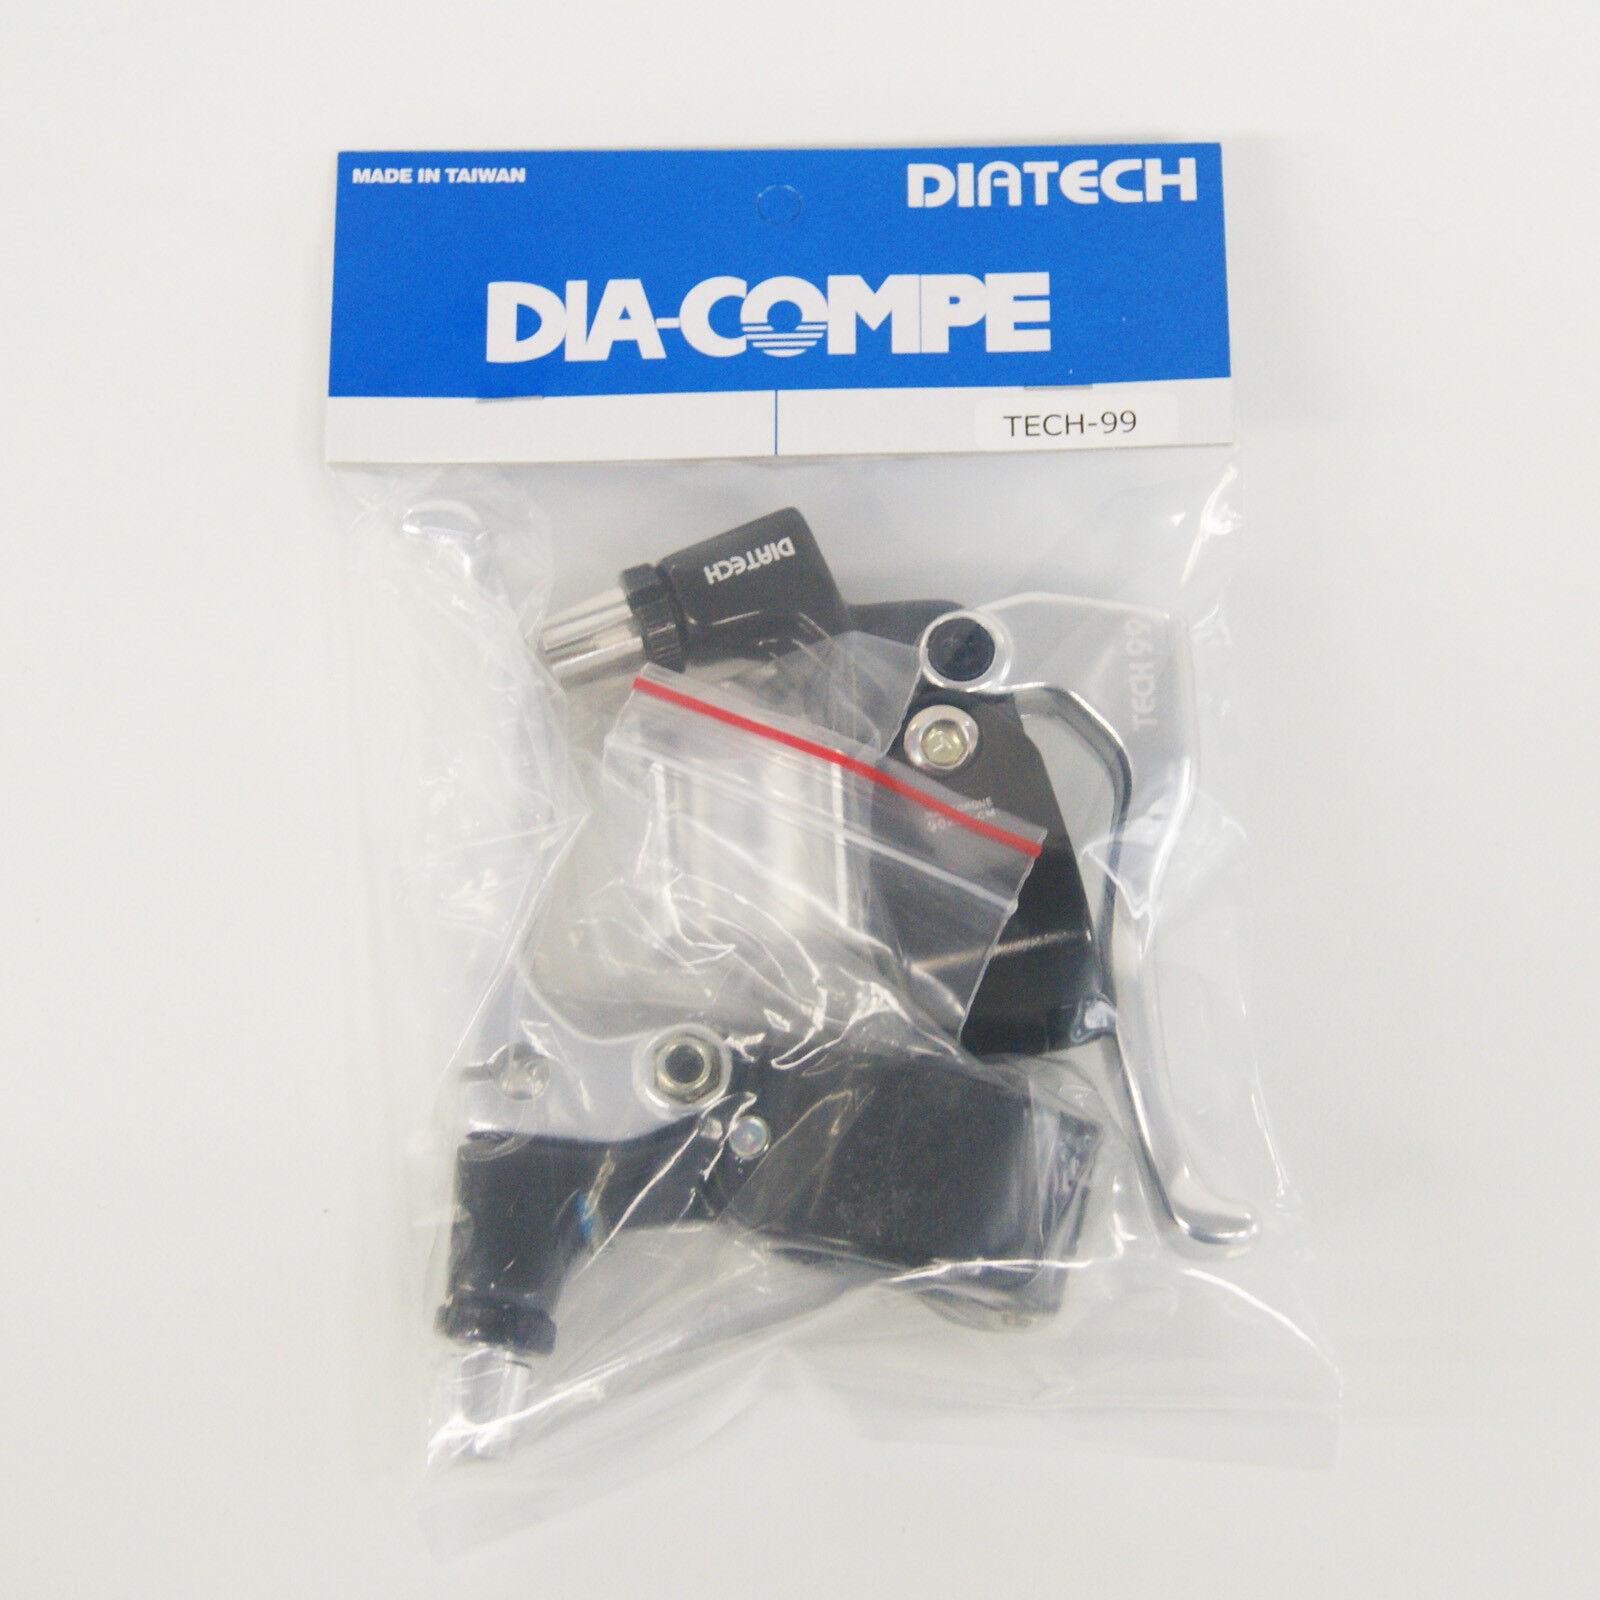 Dia-Compe Tech99 Leva Freno Destro e Sinistro (Paio) silver